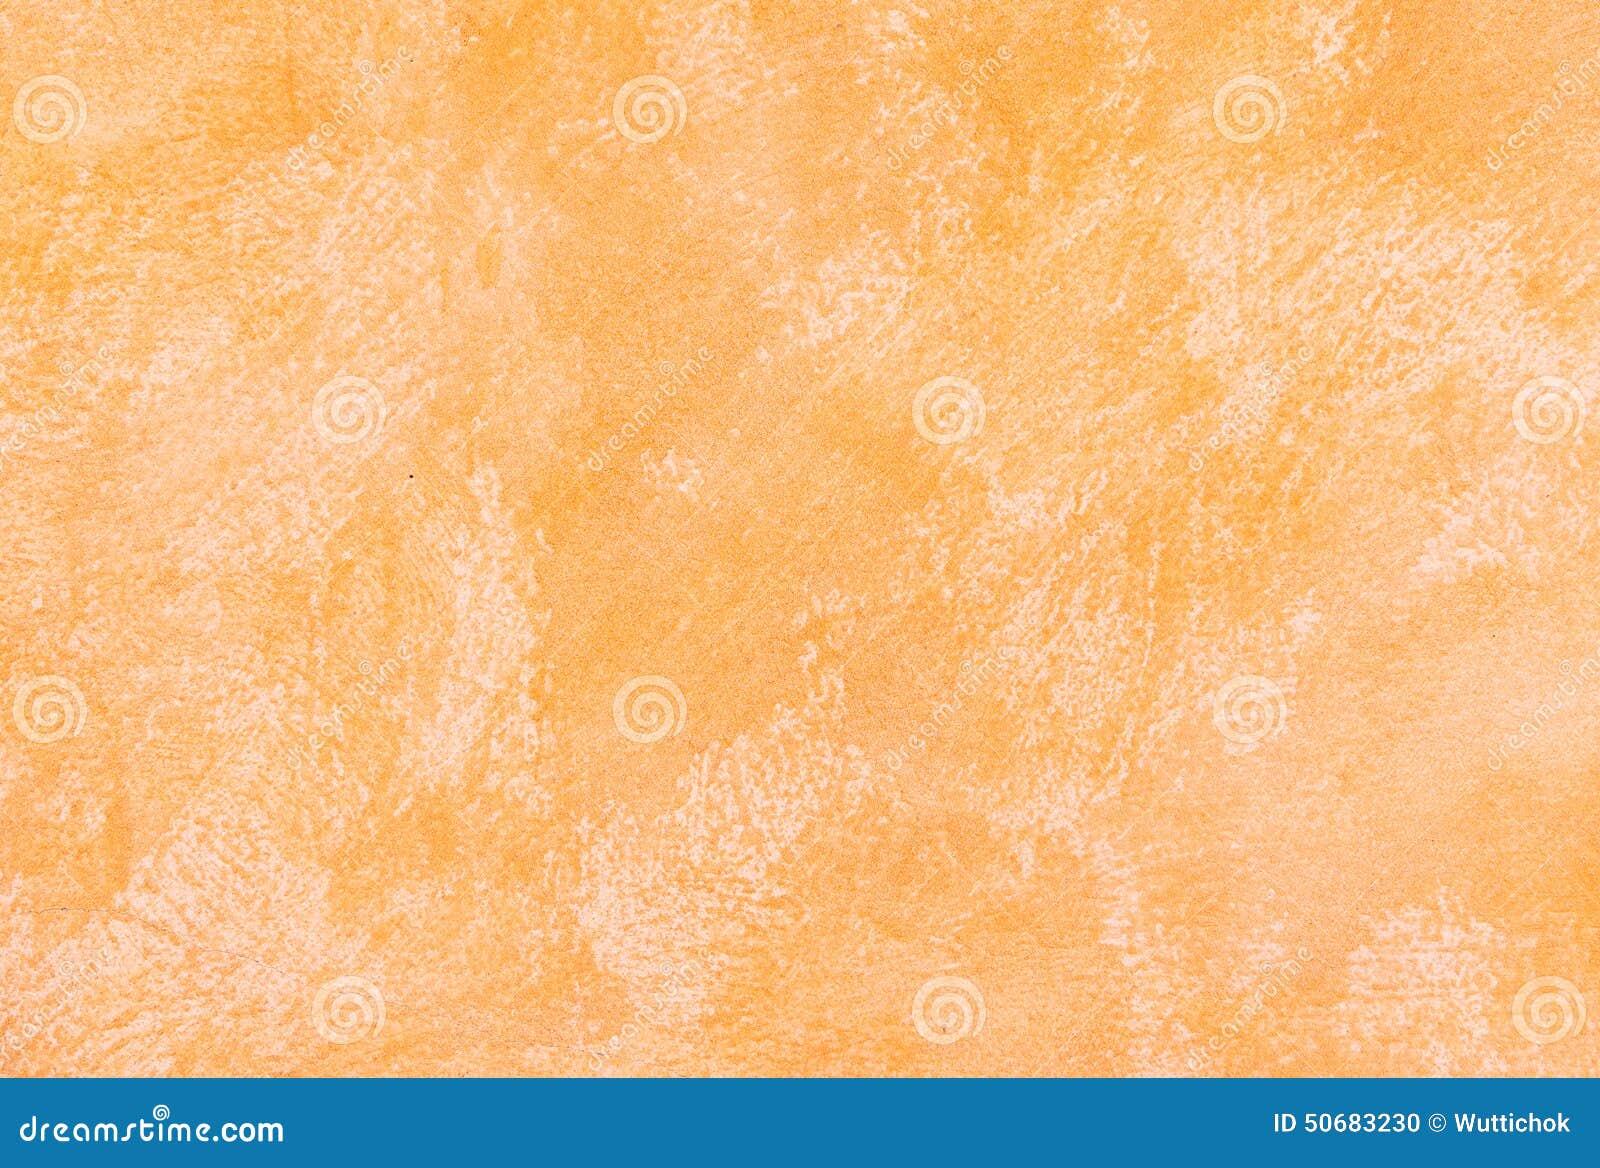 Download 水泥纹理墙壁背景 库存照片. 图片 包括有 岩石, 镇痛药, 艺术, brusher, 水泥, 装饰, 生节的 - 50683230